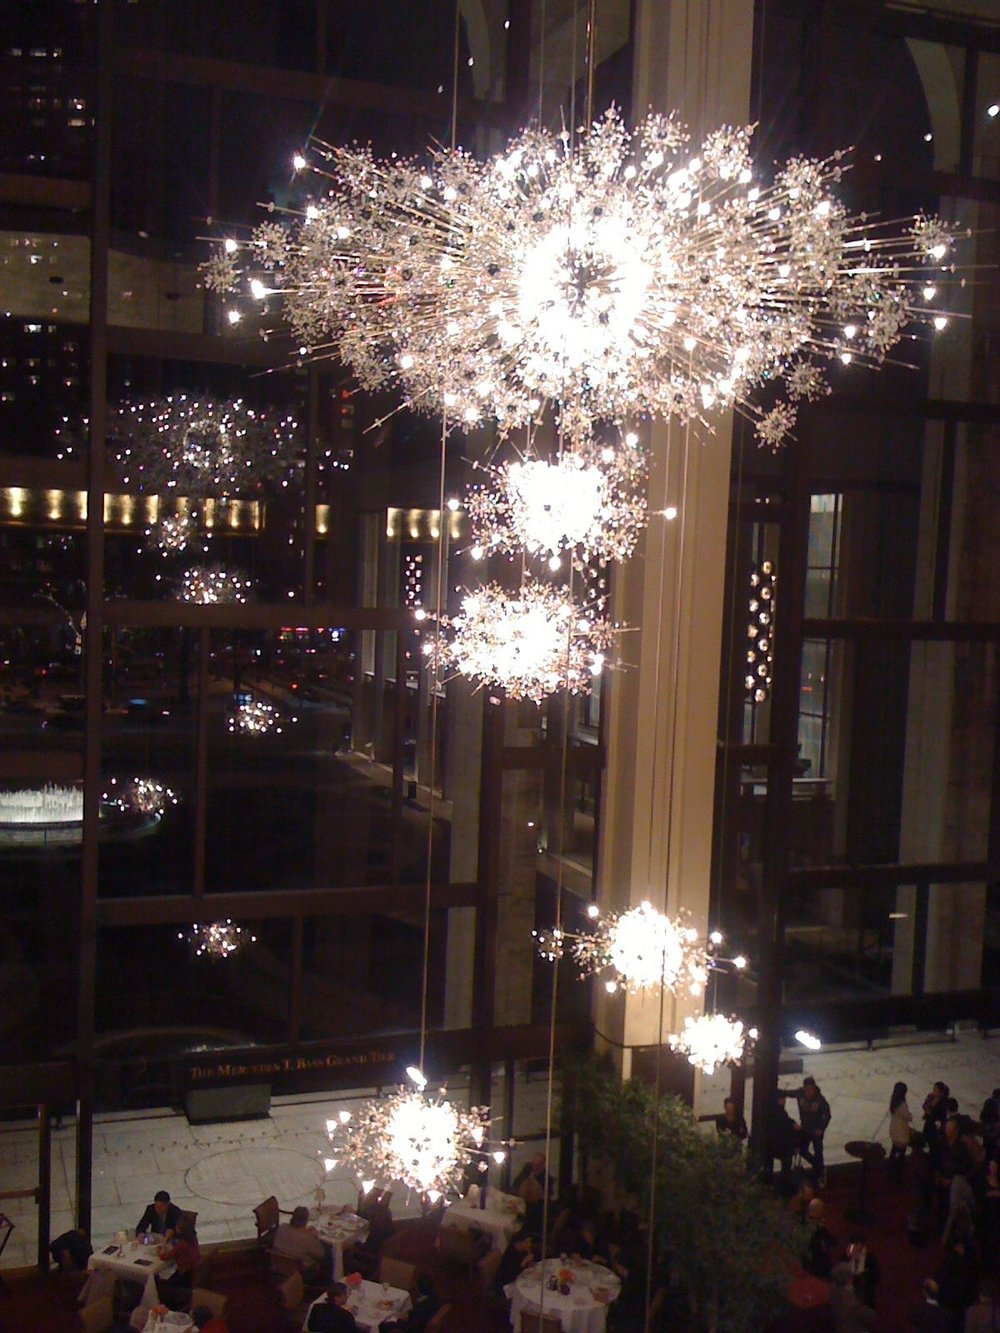 metropolitan_opera_chandelier_2-min.jpg